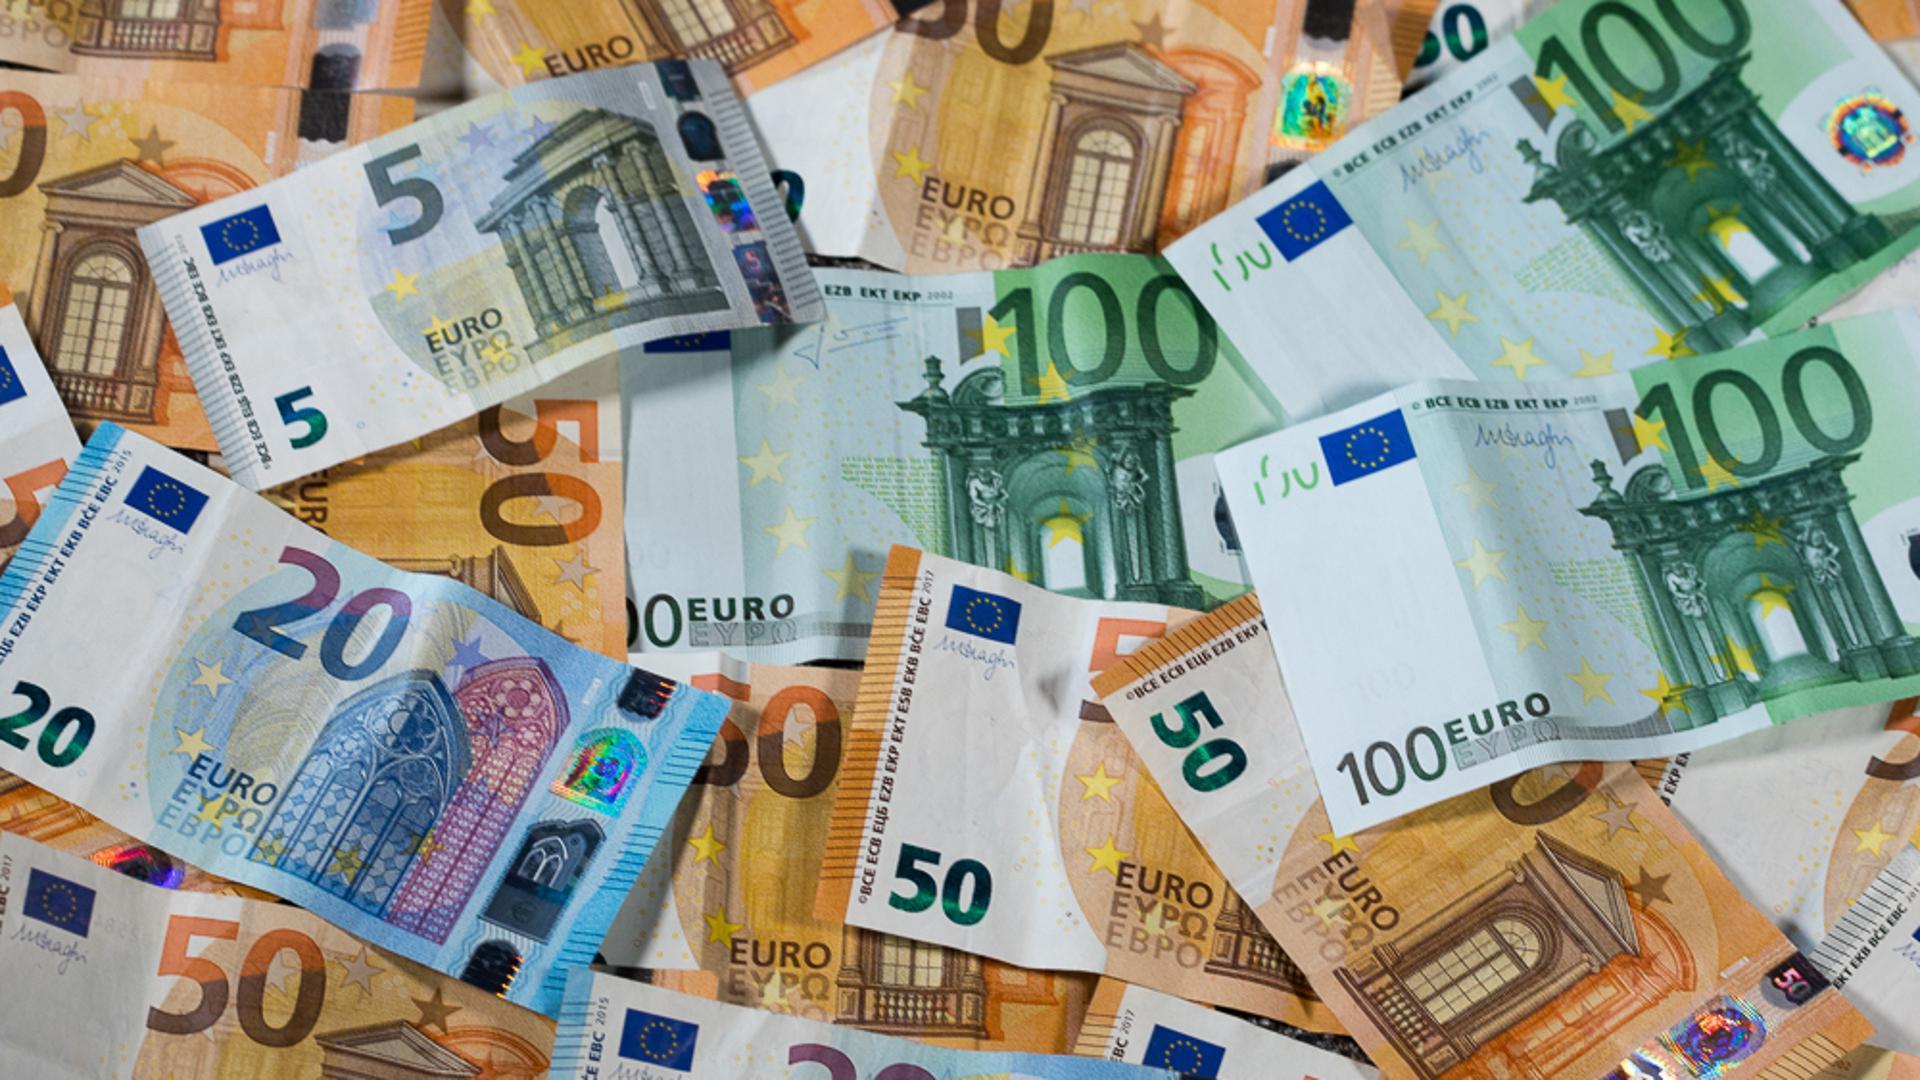 Euro-Geldscheine mit unterschiedlichen Werten (gestellte Szene)